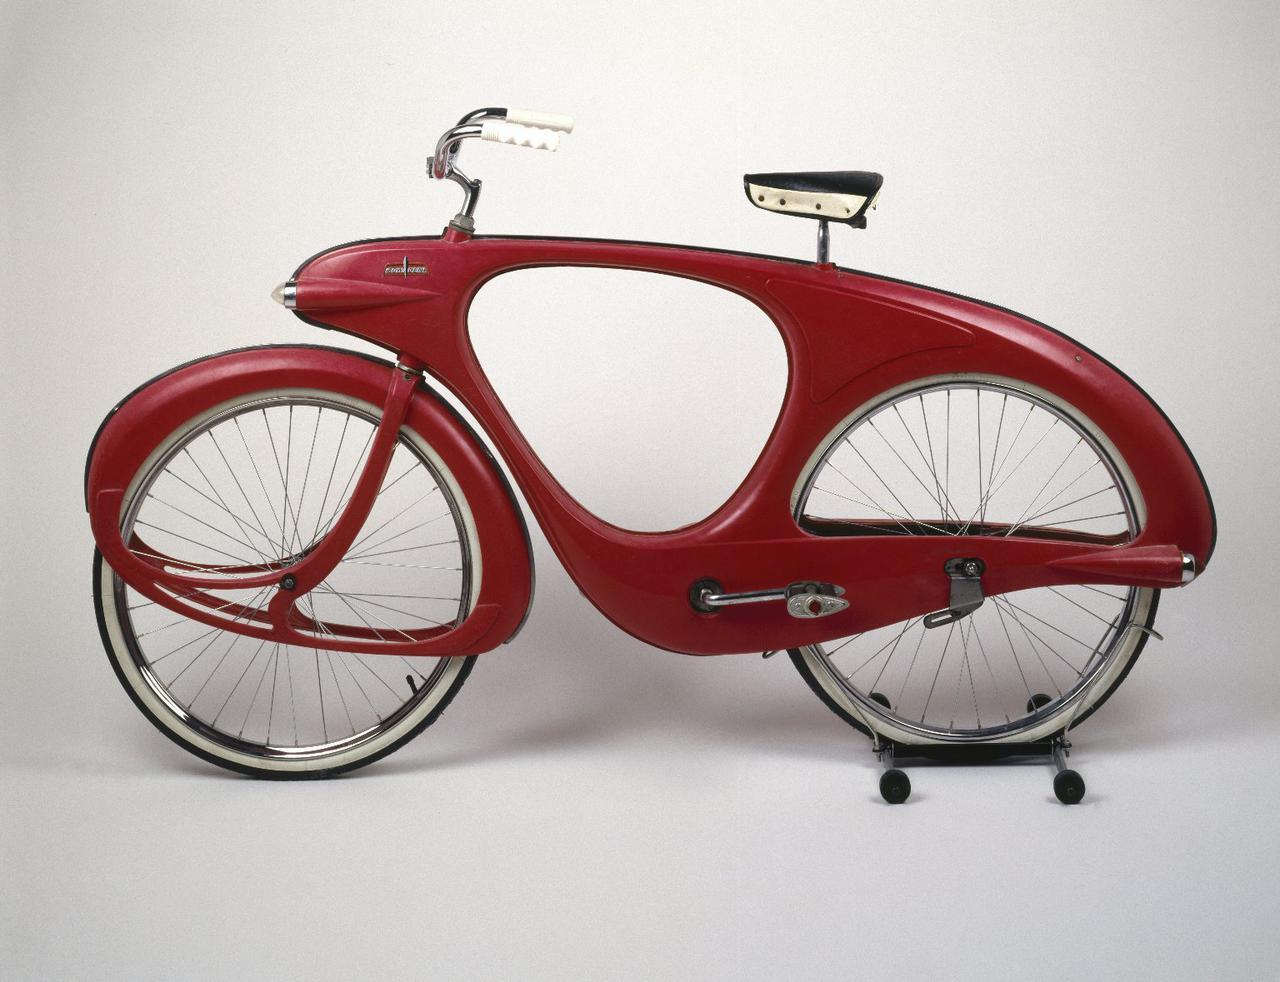 画像: 米ニューヨークのブルックリン博物館に展示される、1960年製作のボウデン「スペースランダー」バイシクル。 en.wikipedia.org